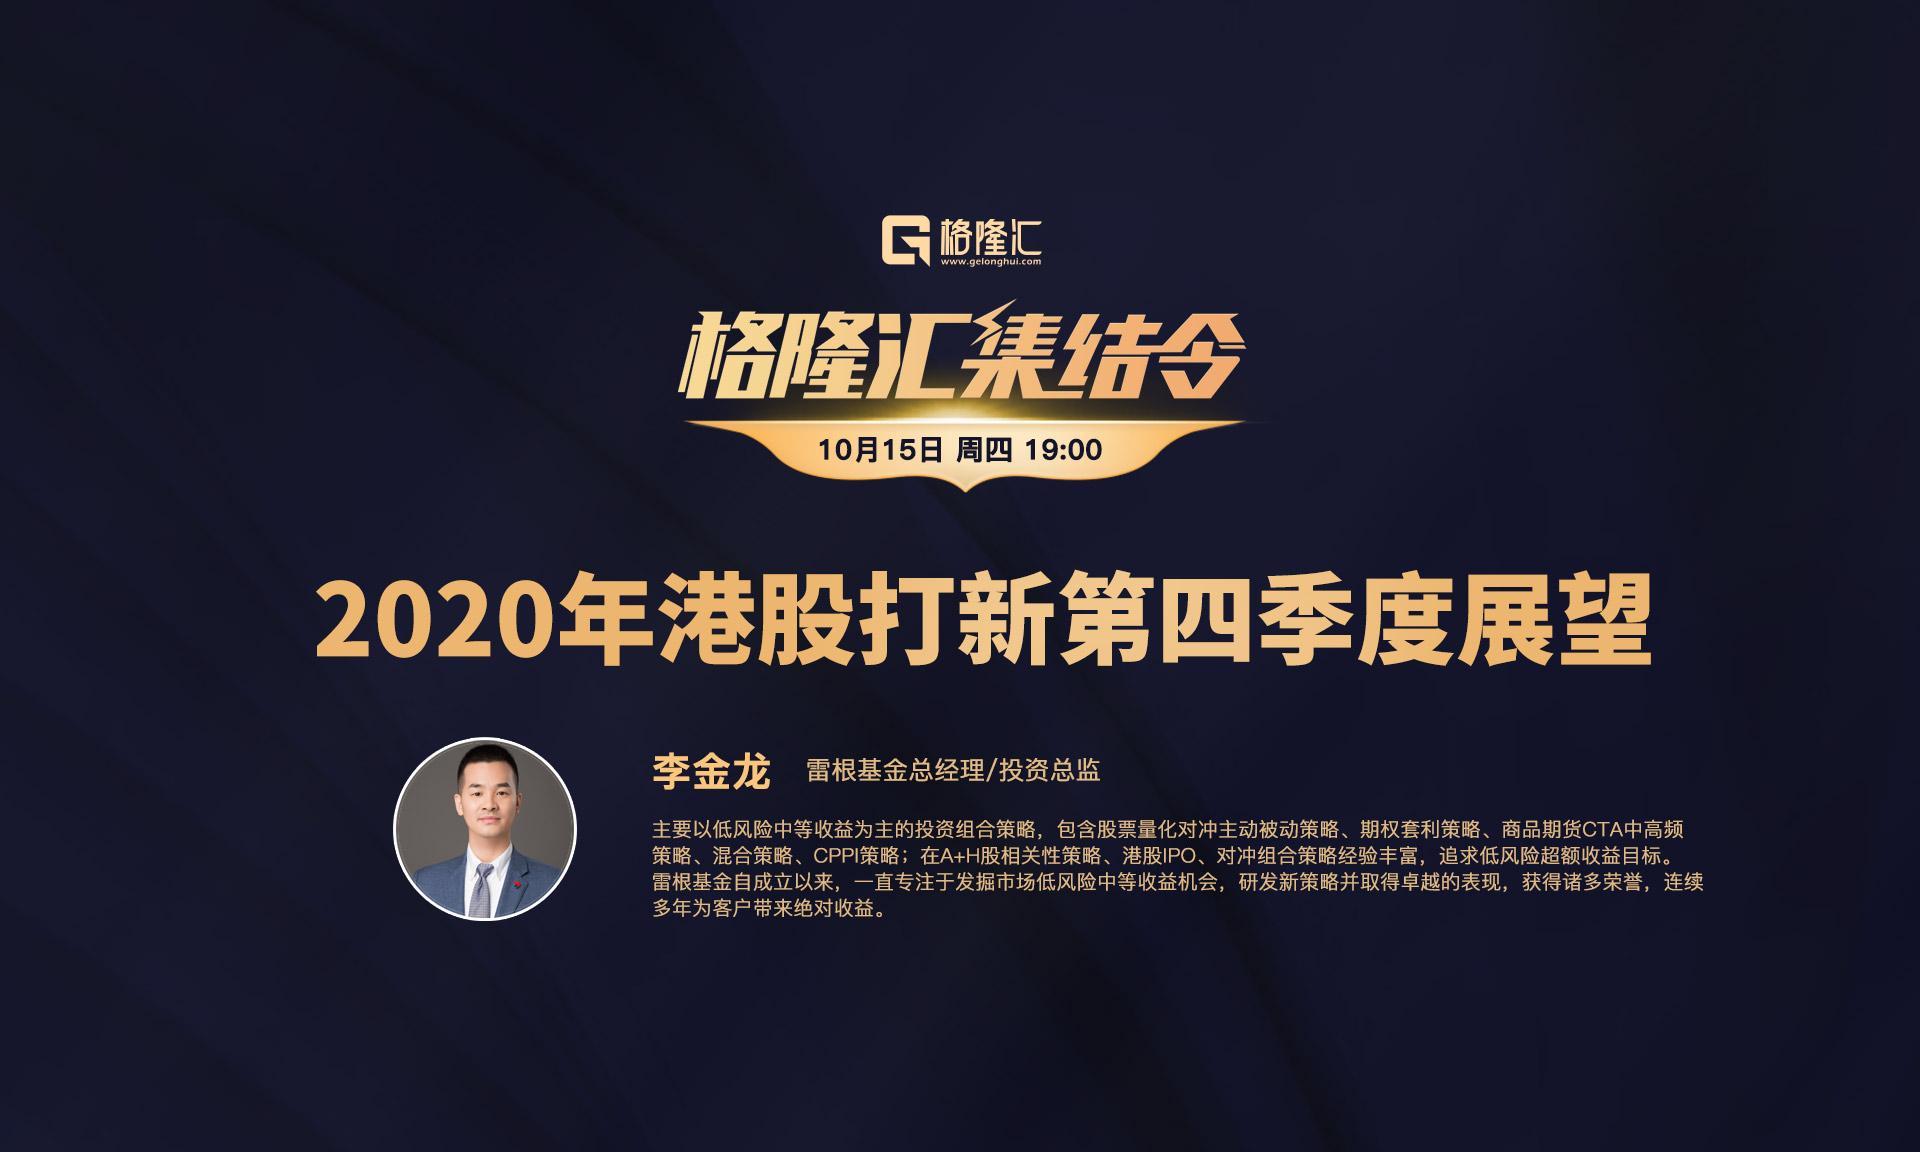 2020年港股打新第四季度展望#集结令#95期